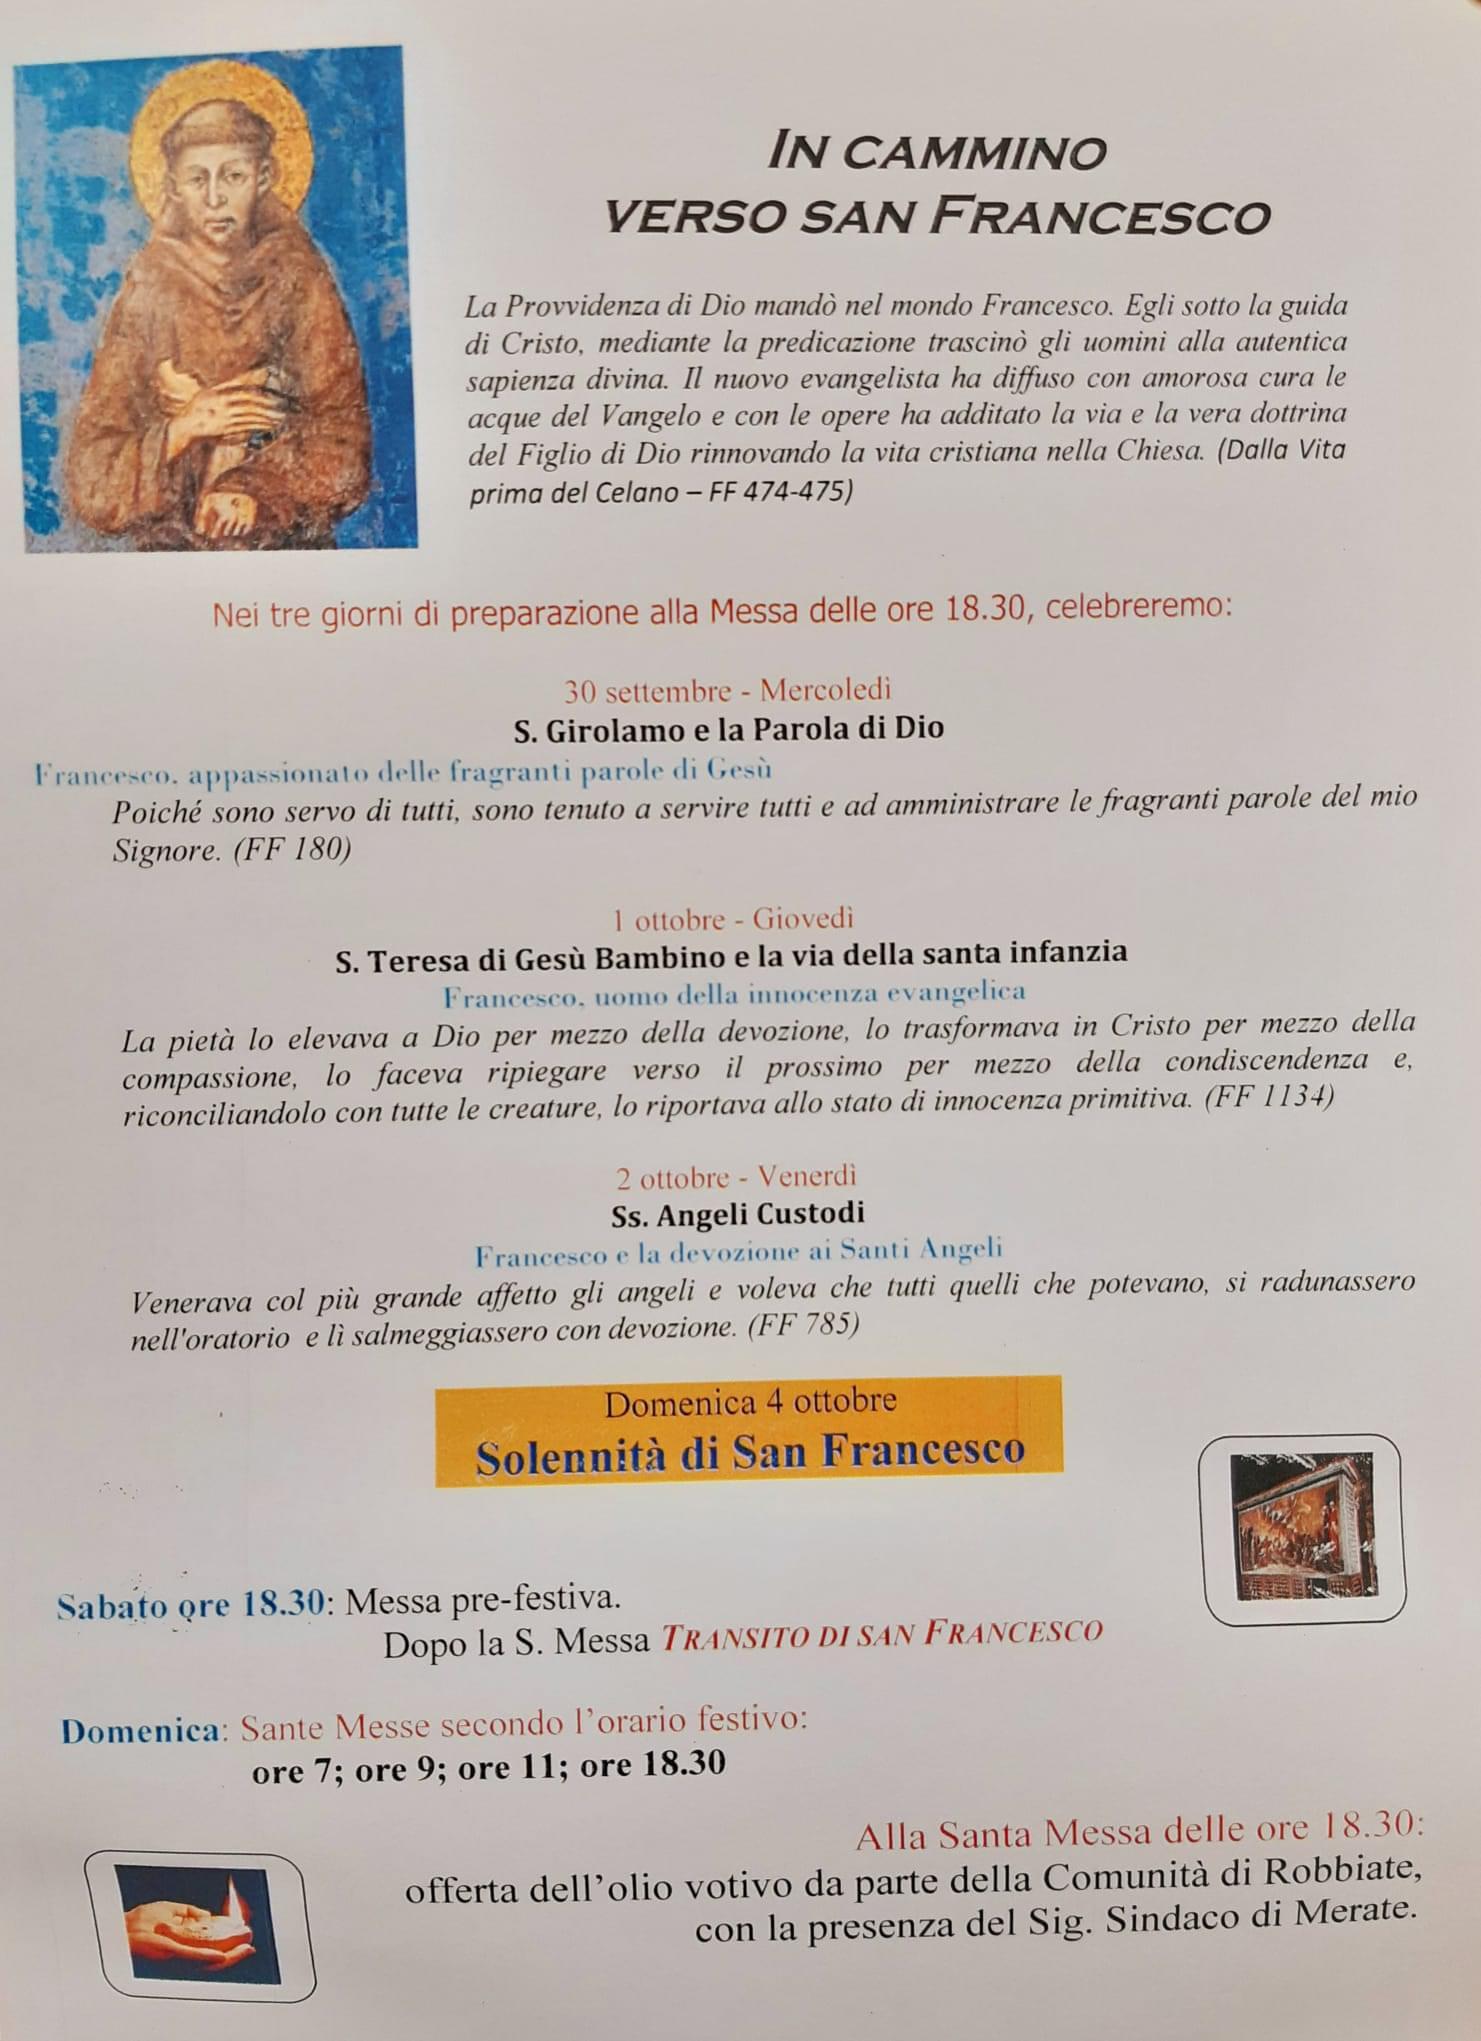 """""""In Cammino Verso Francesco"""" – Programma Delle Celebrazioni Della Solennità Di San Francesco"""